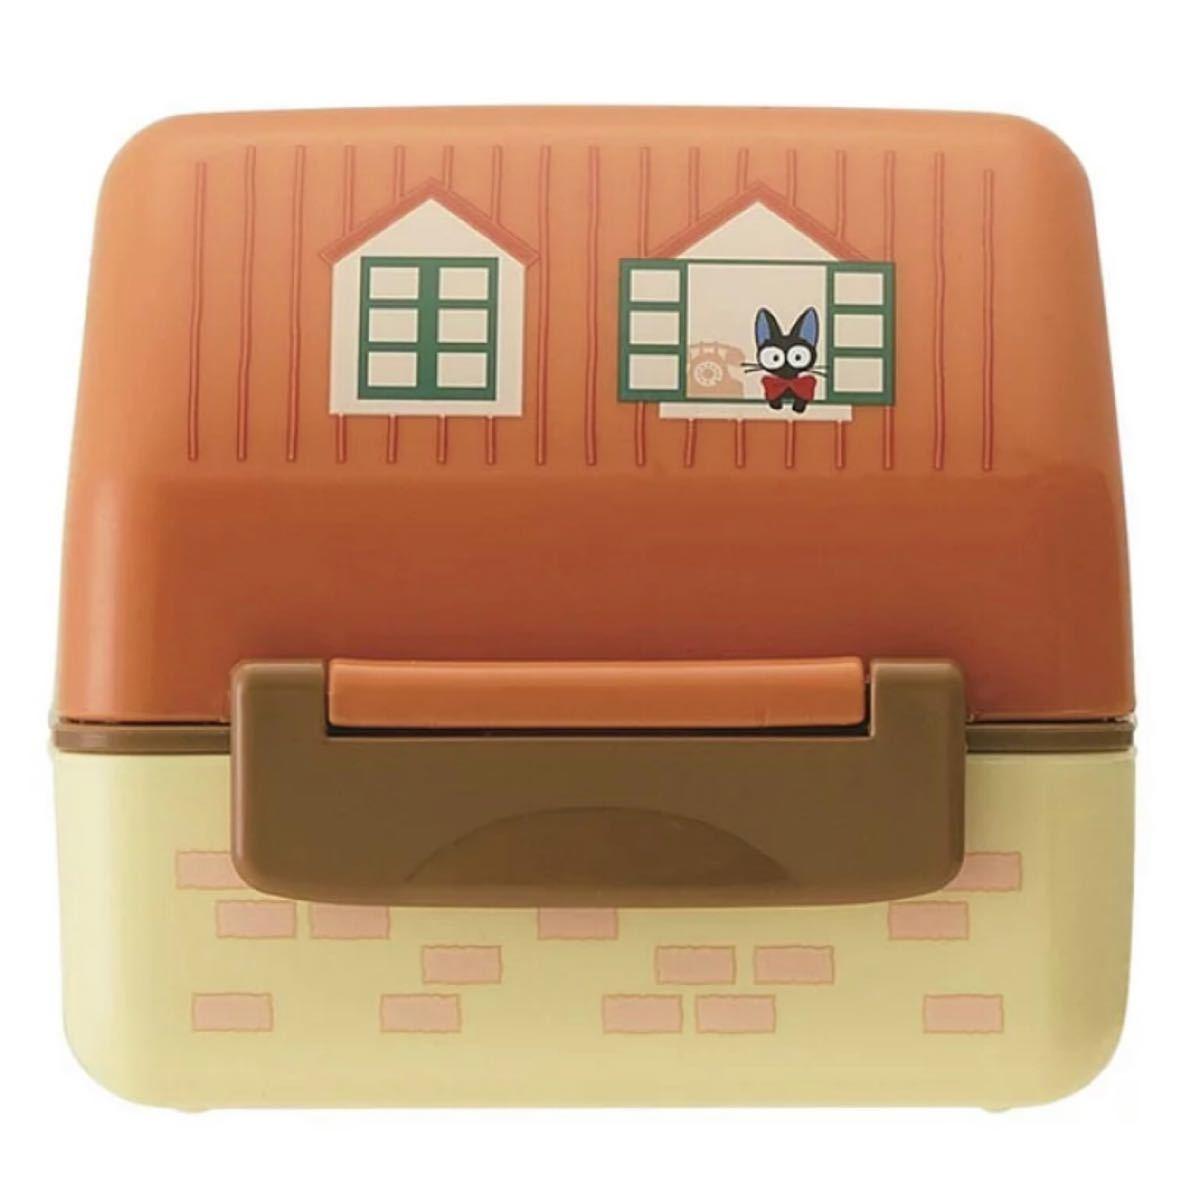 魔女の宅急便 おにぎり ランチボックス 新品 ジブリ おにぎりケース お弁当箱 ジジ リリー 2段弁当箱 弁当箱